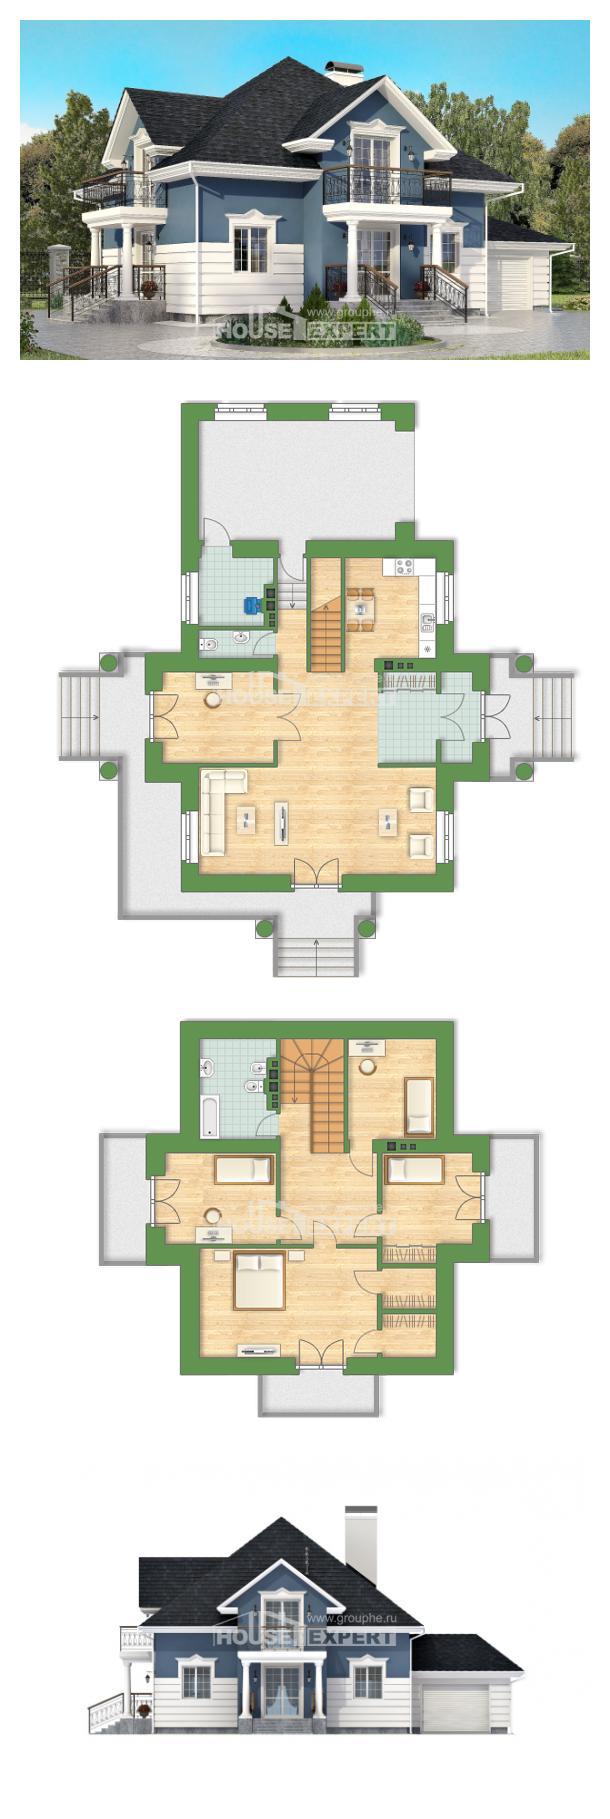 Proyecto de casa 180-002-R | House Expert